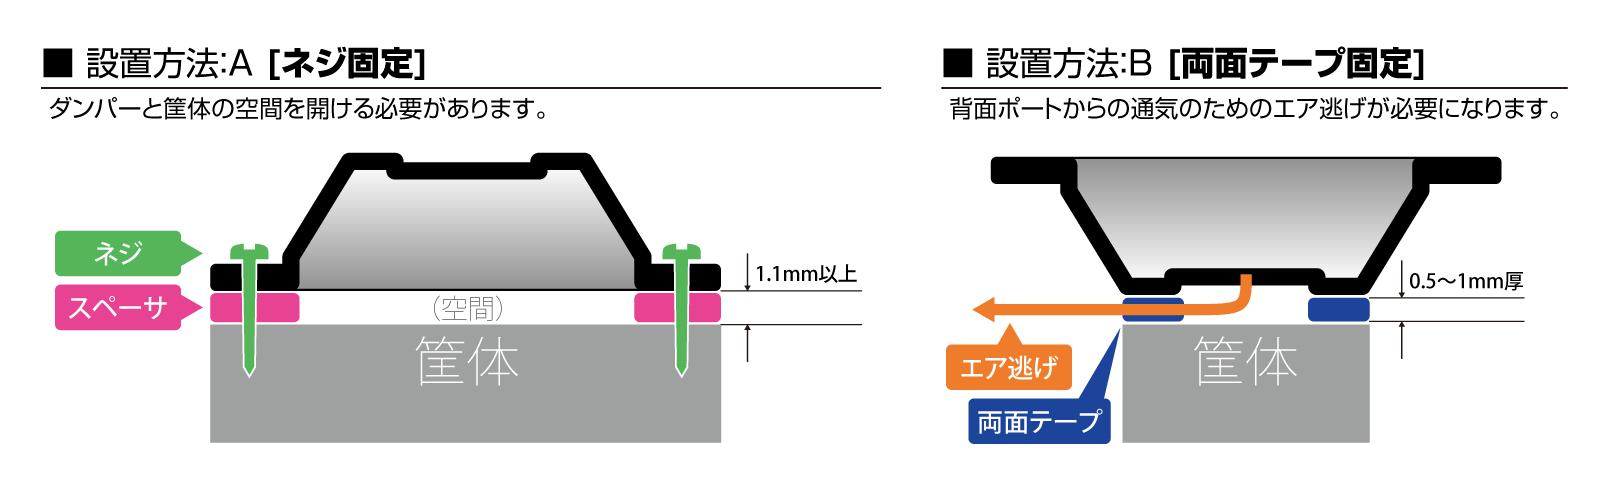 どちらも、振動(空気)が抜ける空間が必要な点ご注意ください。